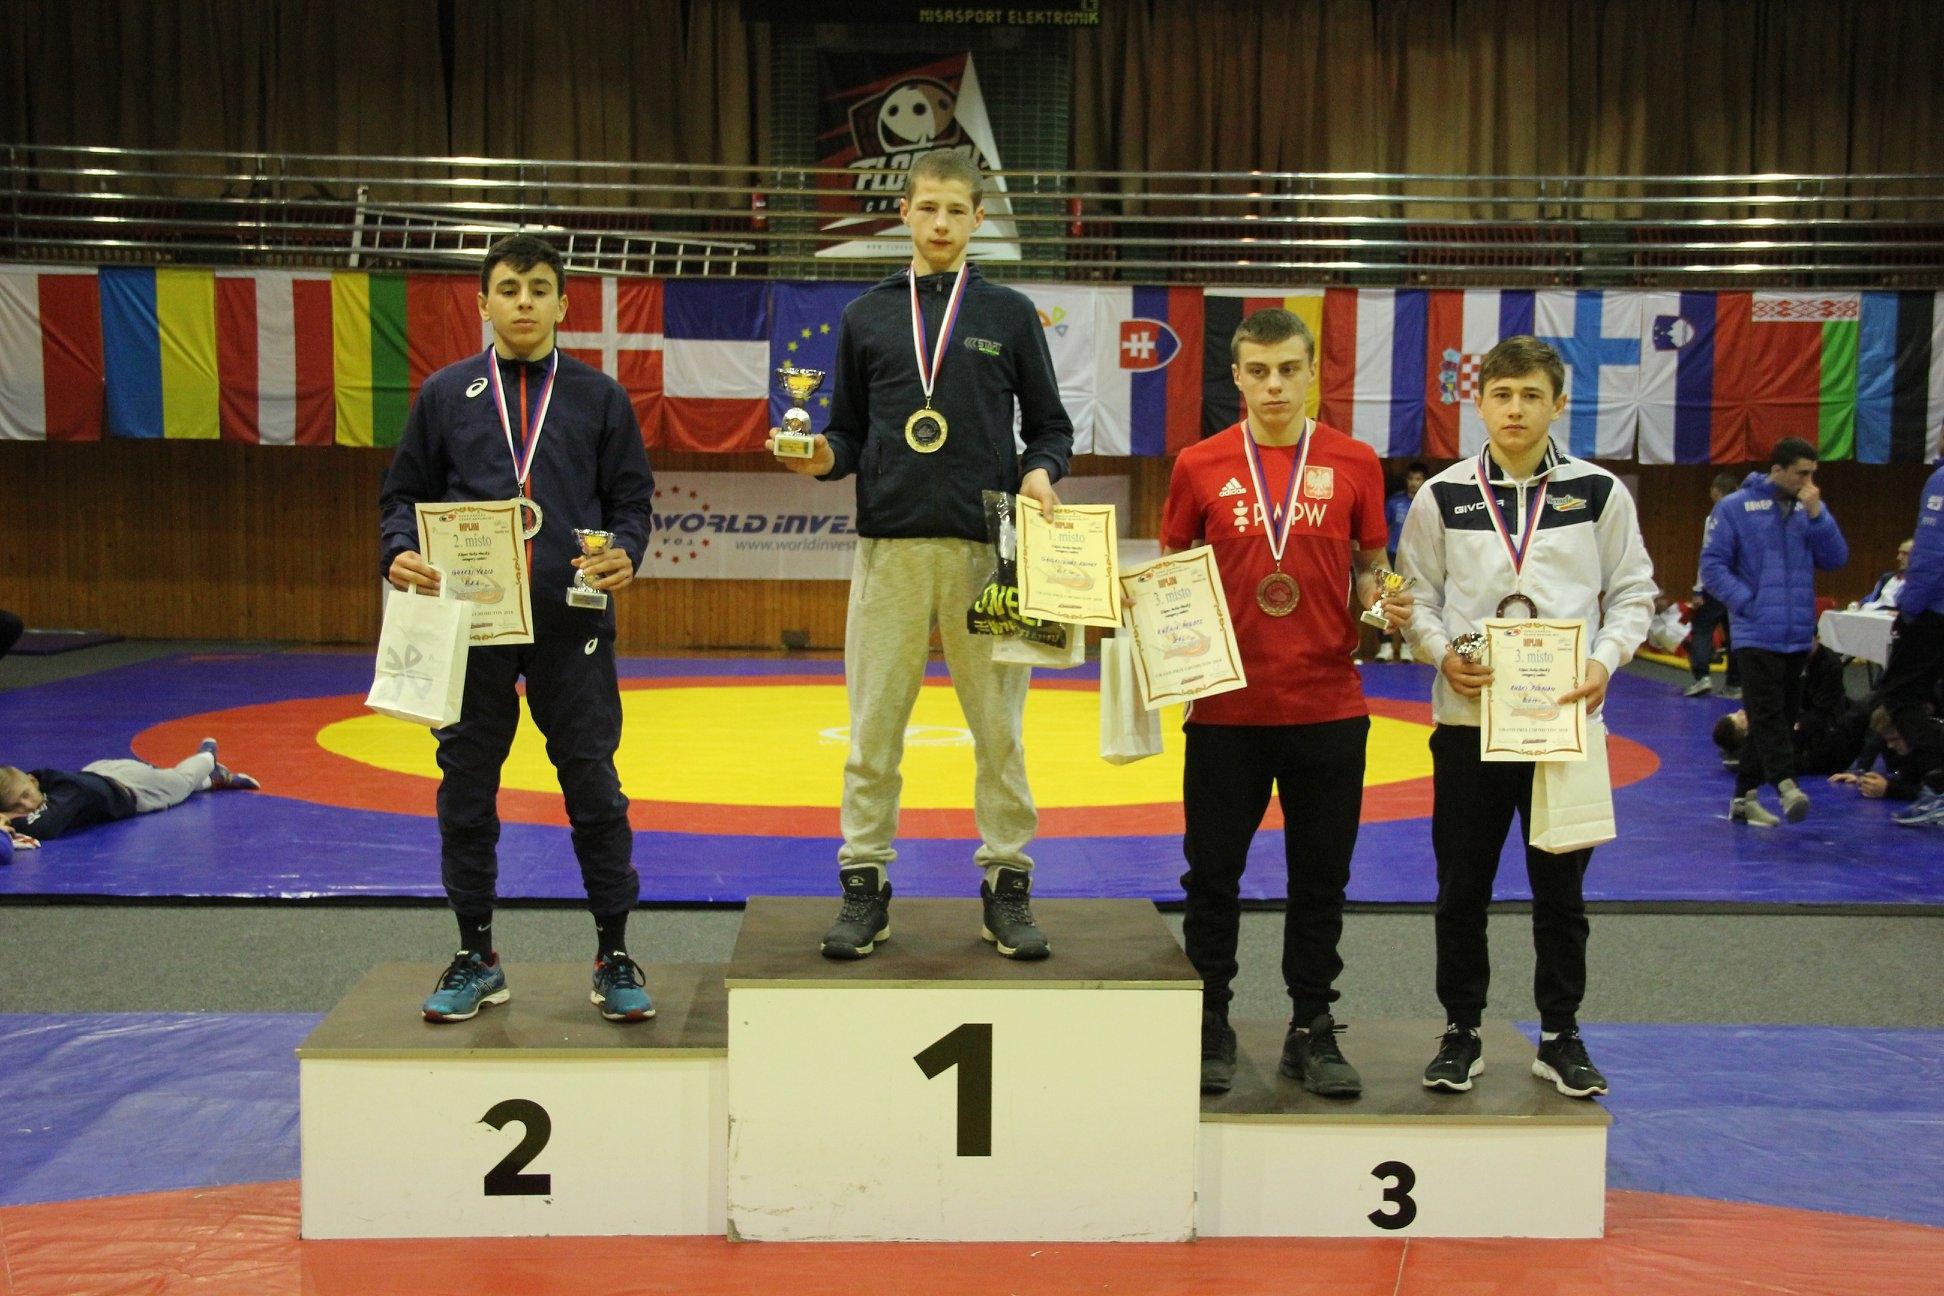 2018 m. Tarptautinis turnyras Chomutove (Čekija). Adomas Grigaliūnas -1 vieta